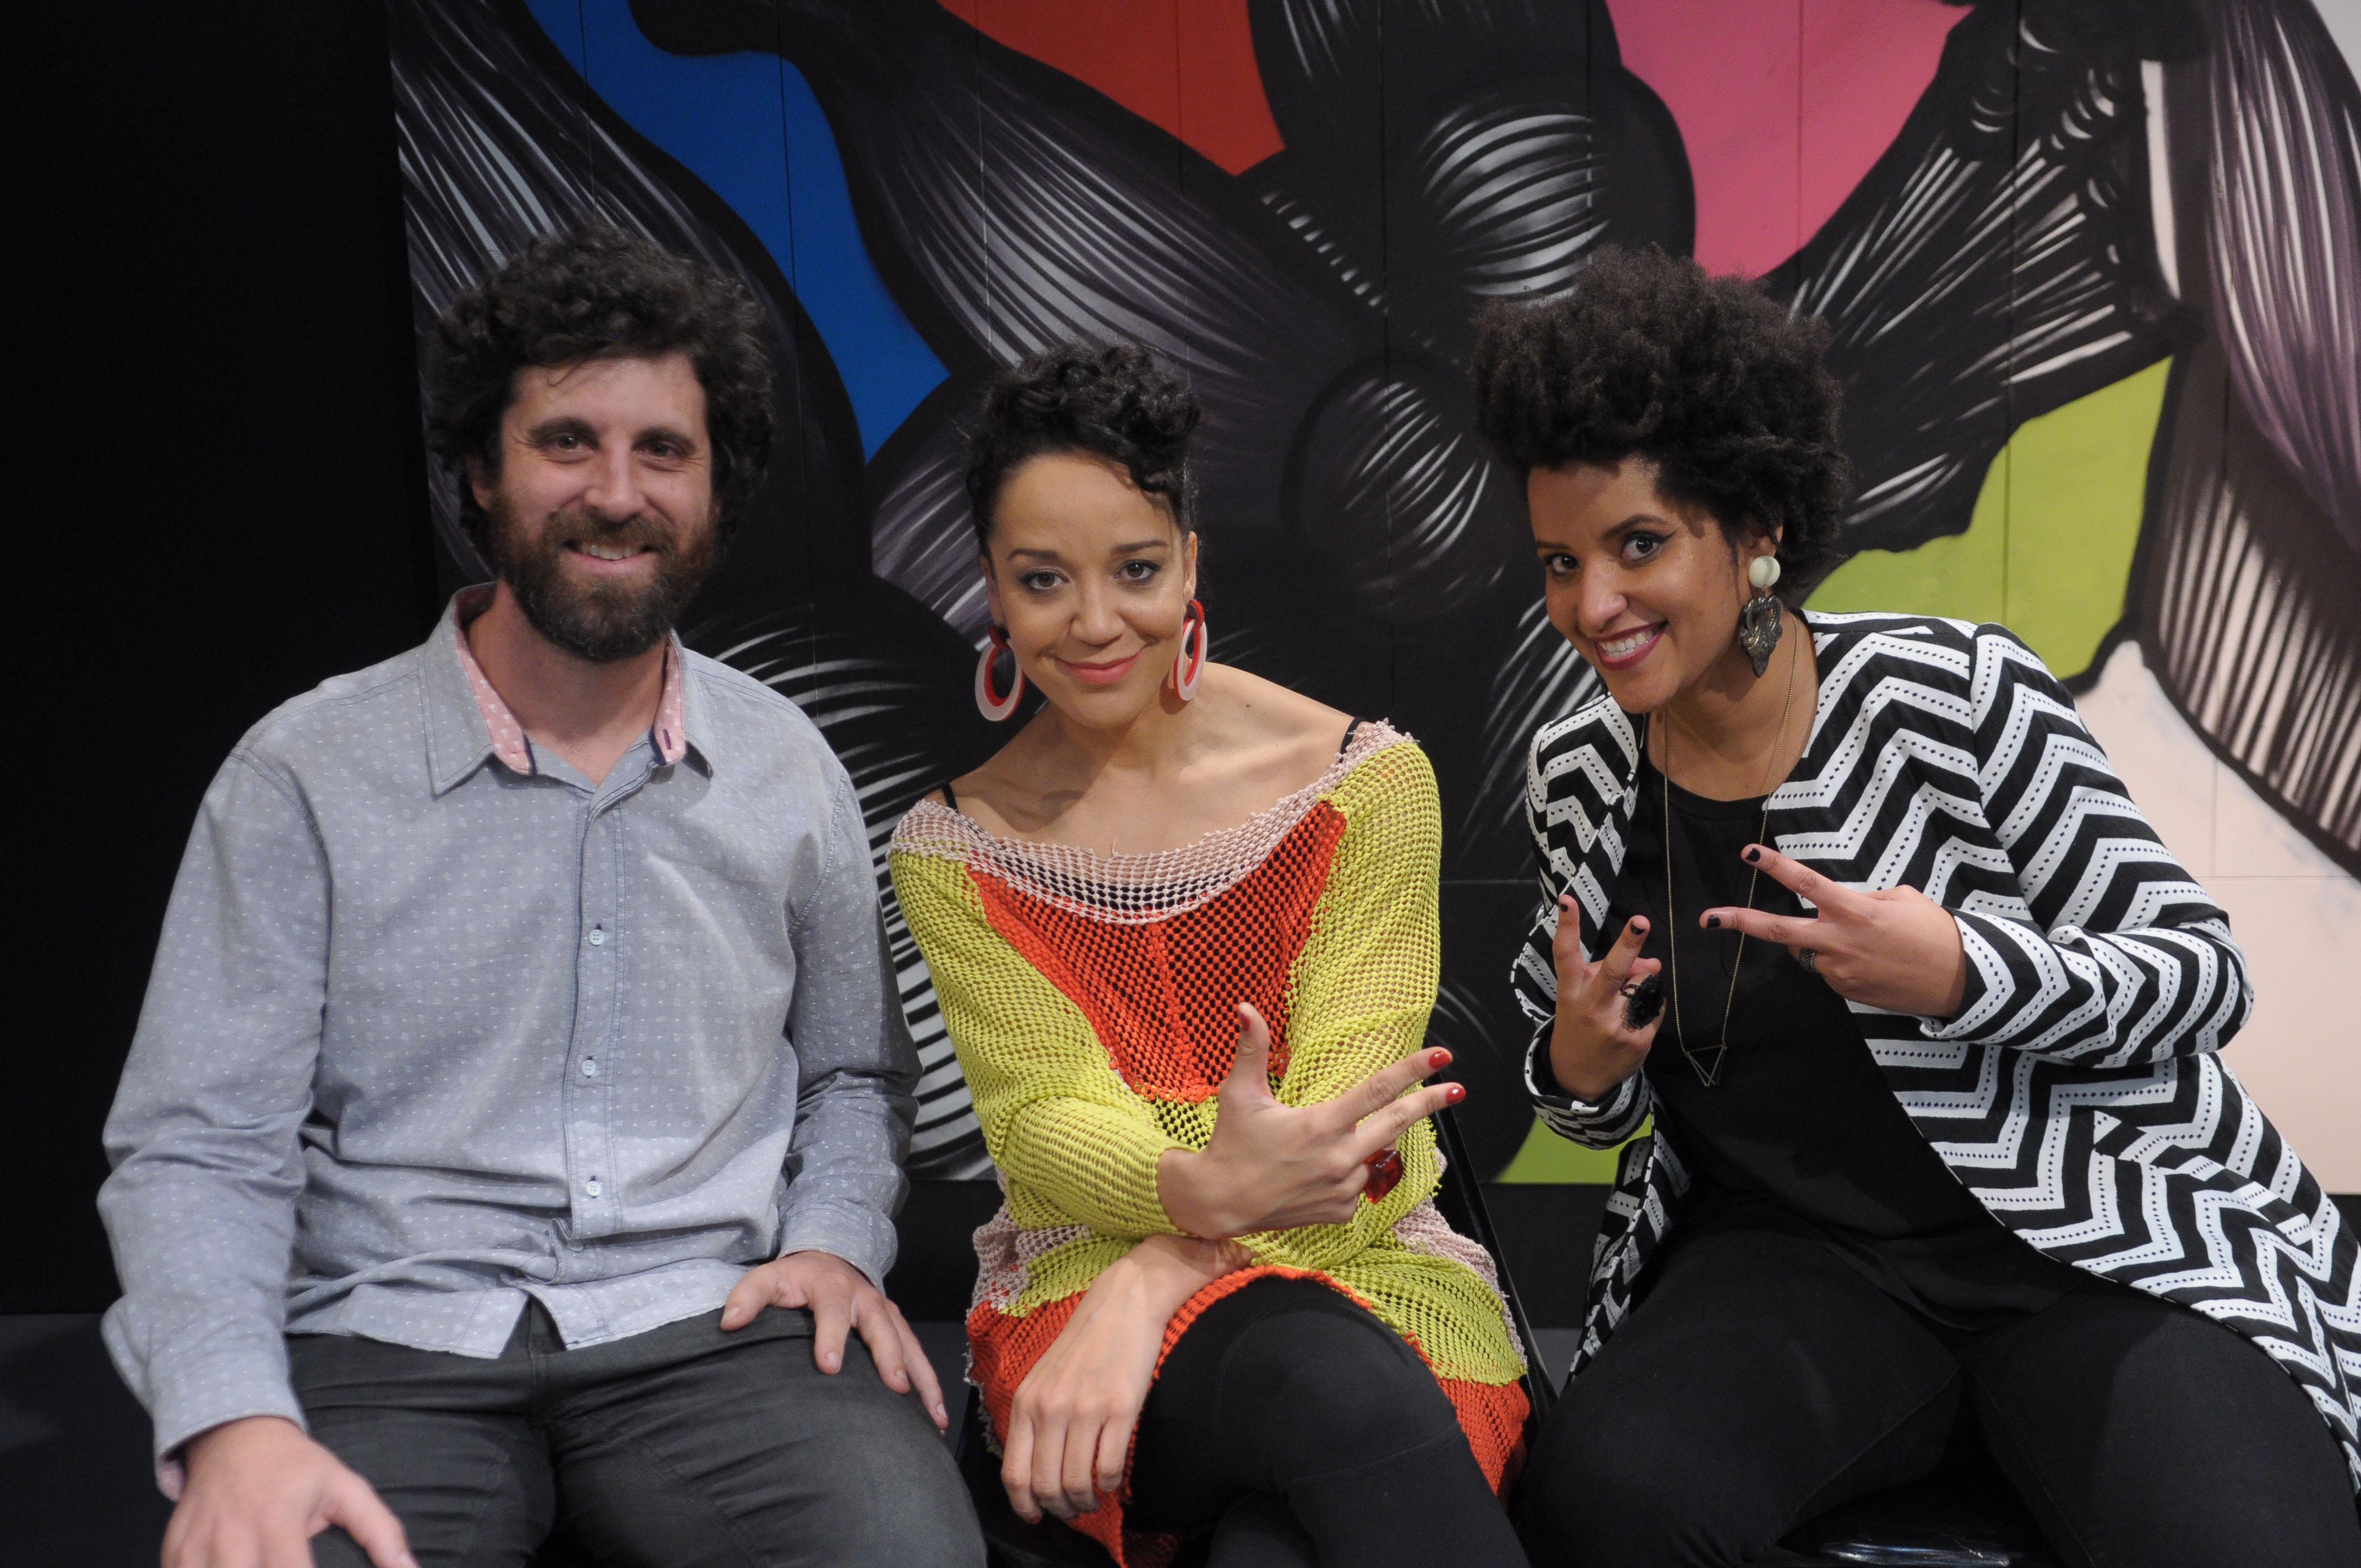 O programa apresentado por Roberta Estrela D'Alva vai ao ar no sábado (6/8), às 19h, na TV Cultura